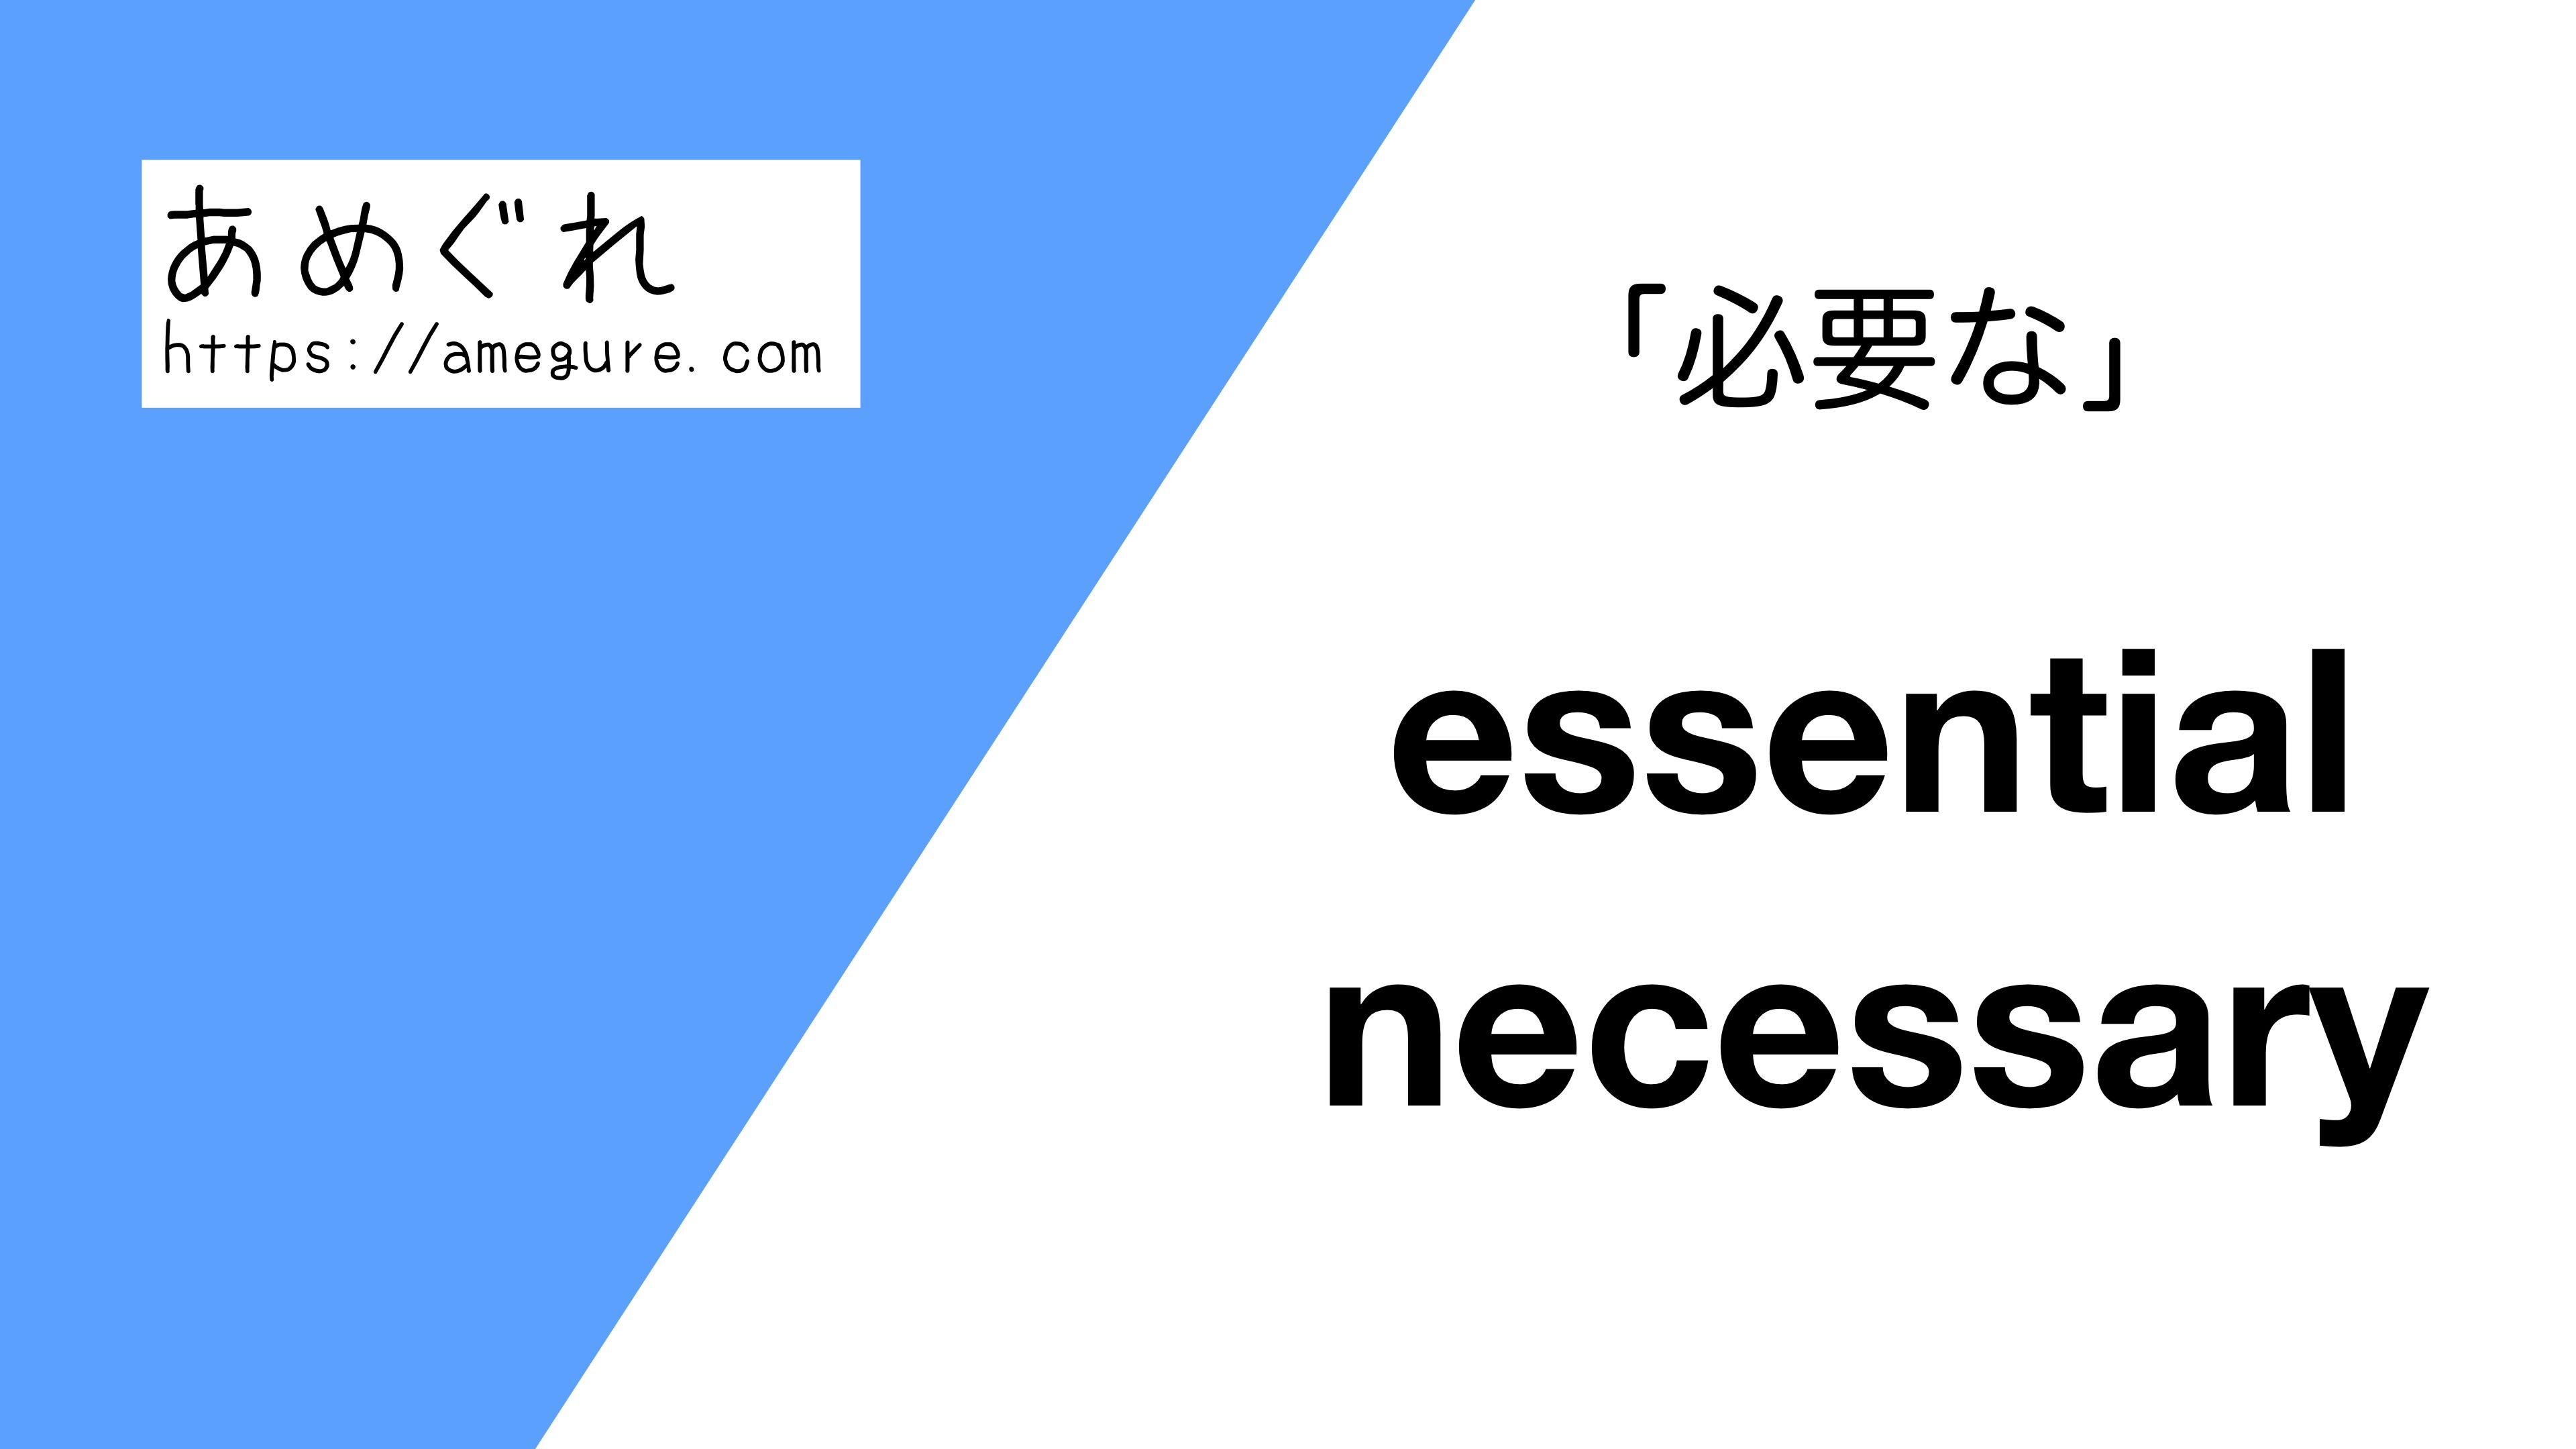 essential-necessary違い